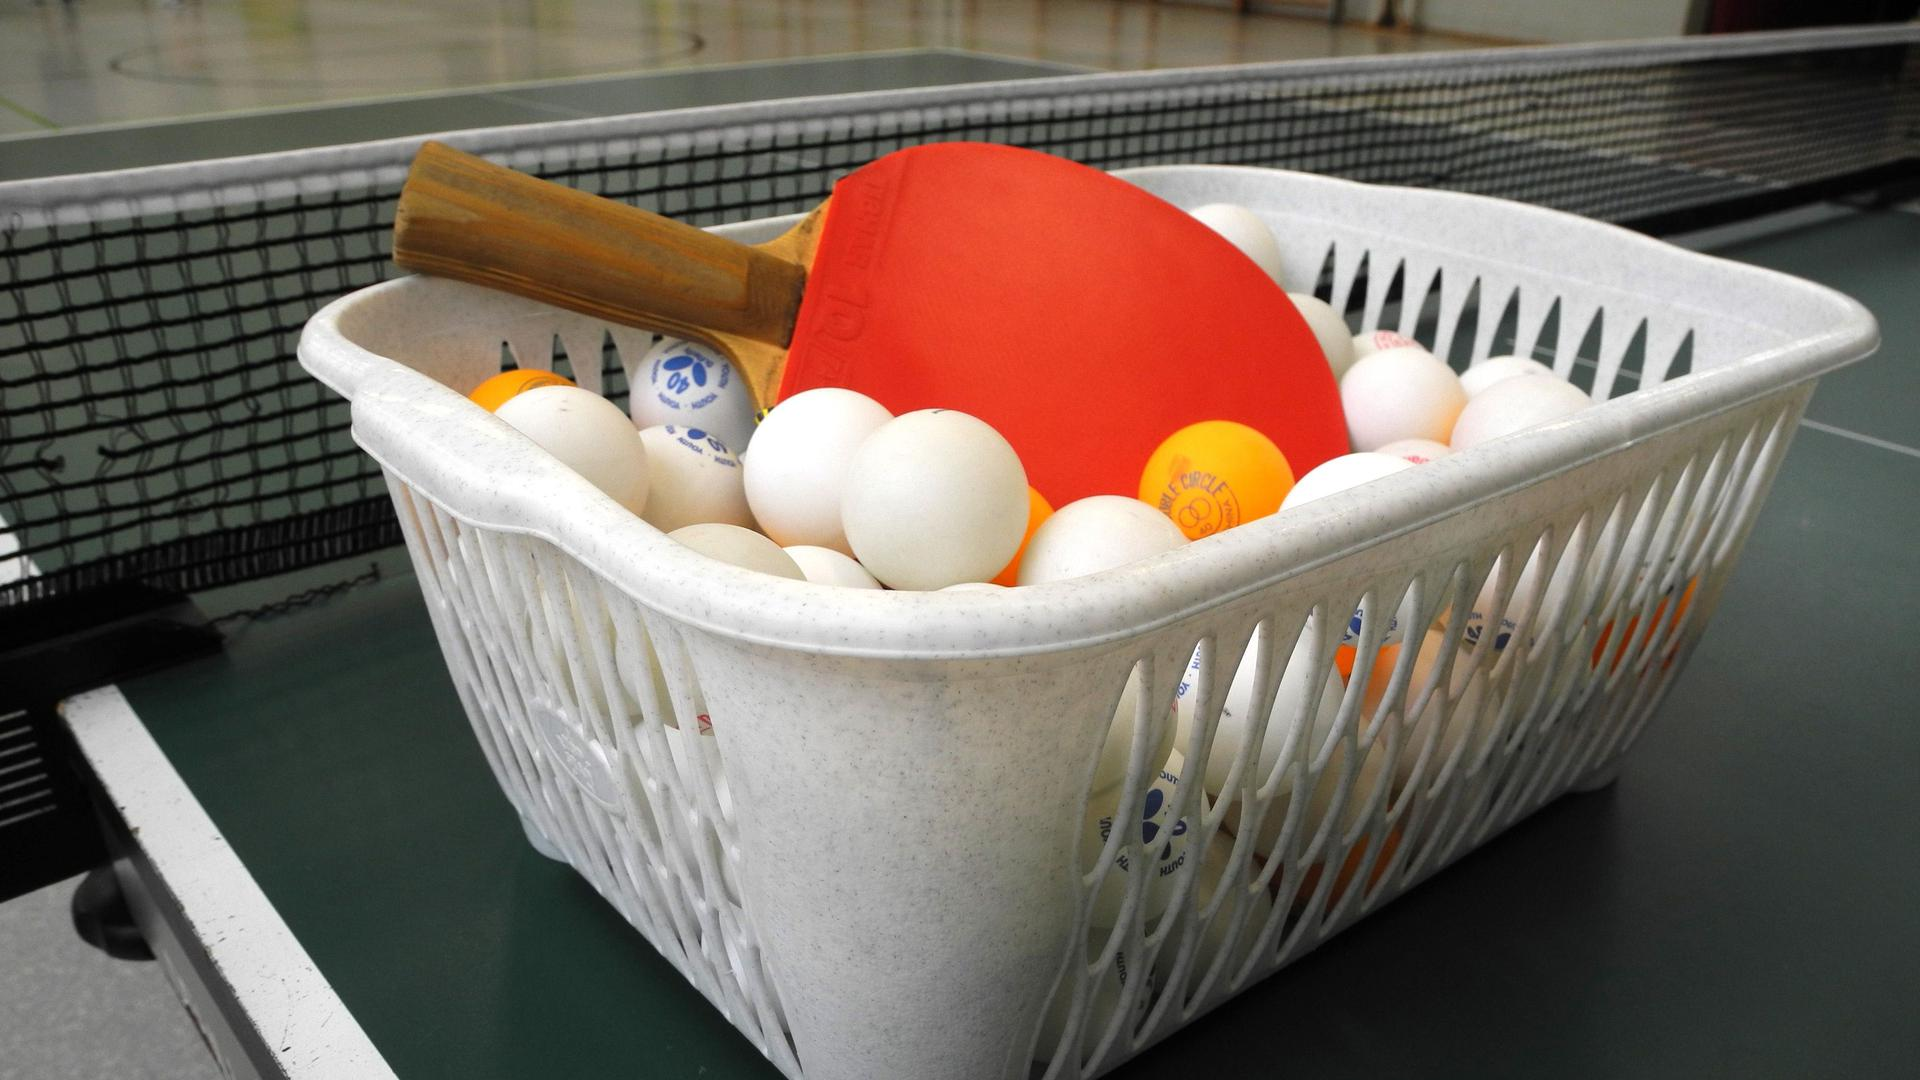 Das Bild zeigt einen kleinen Korb mit einem Tischtennis-Schläger und Bällen